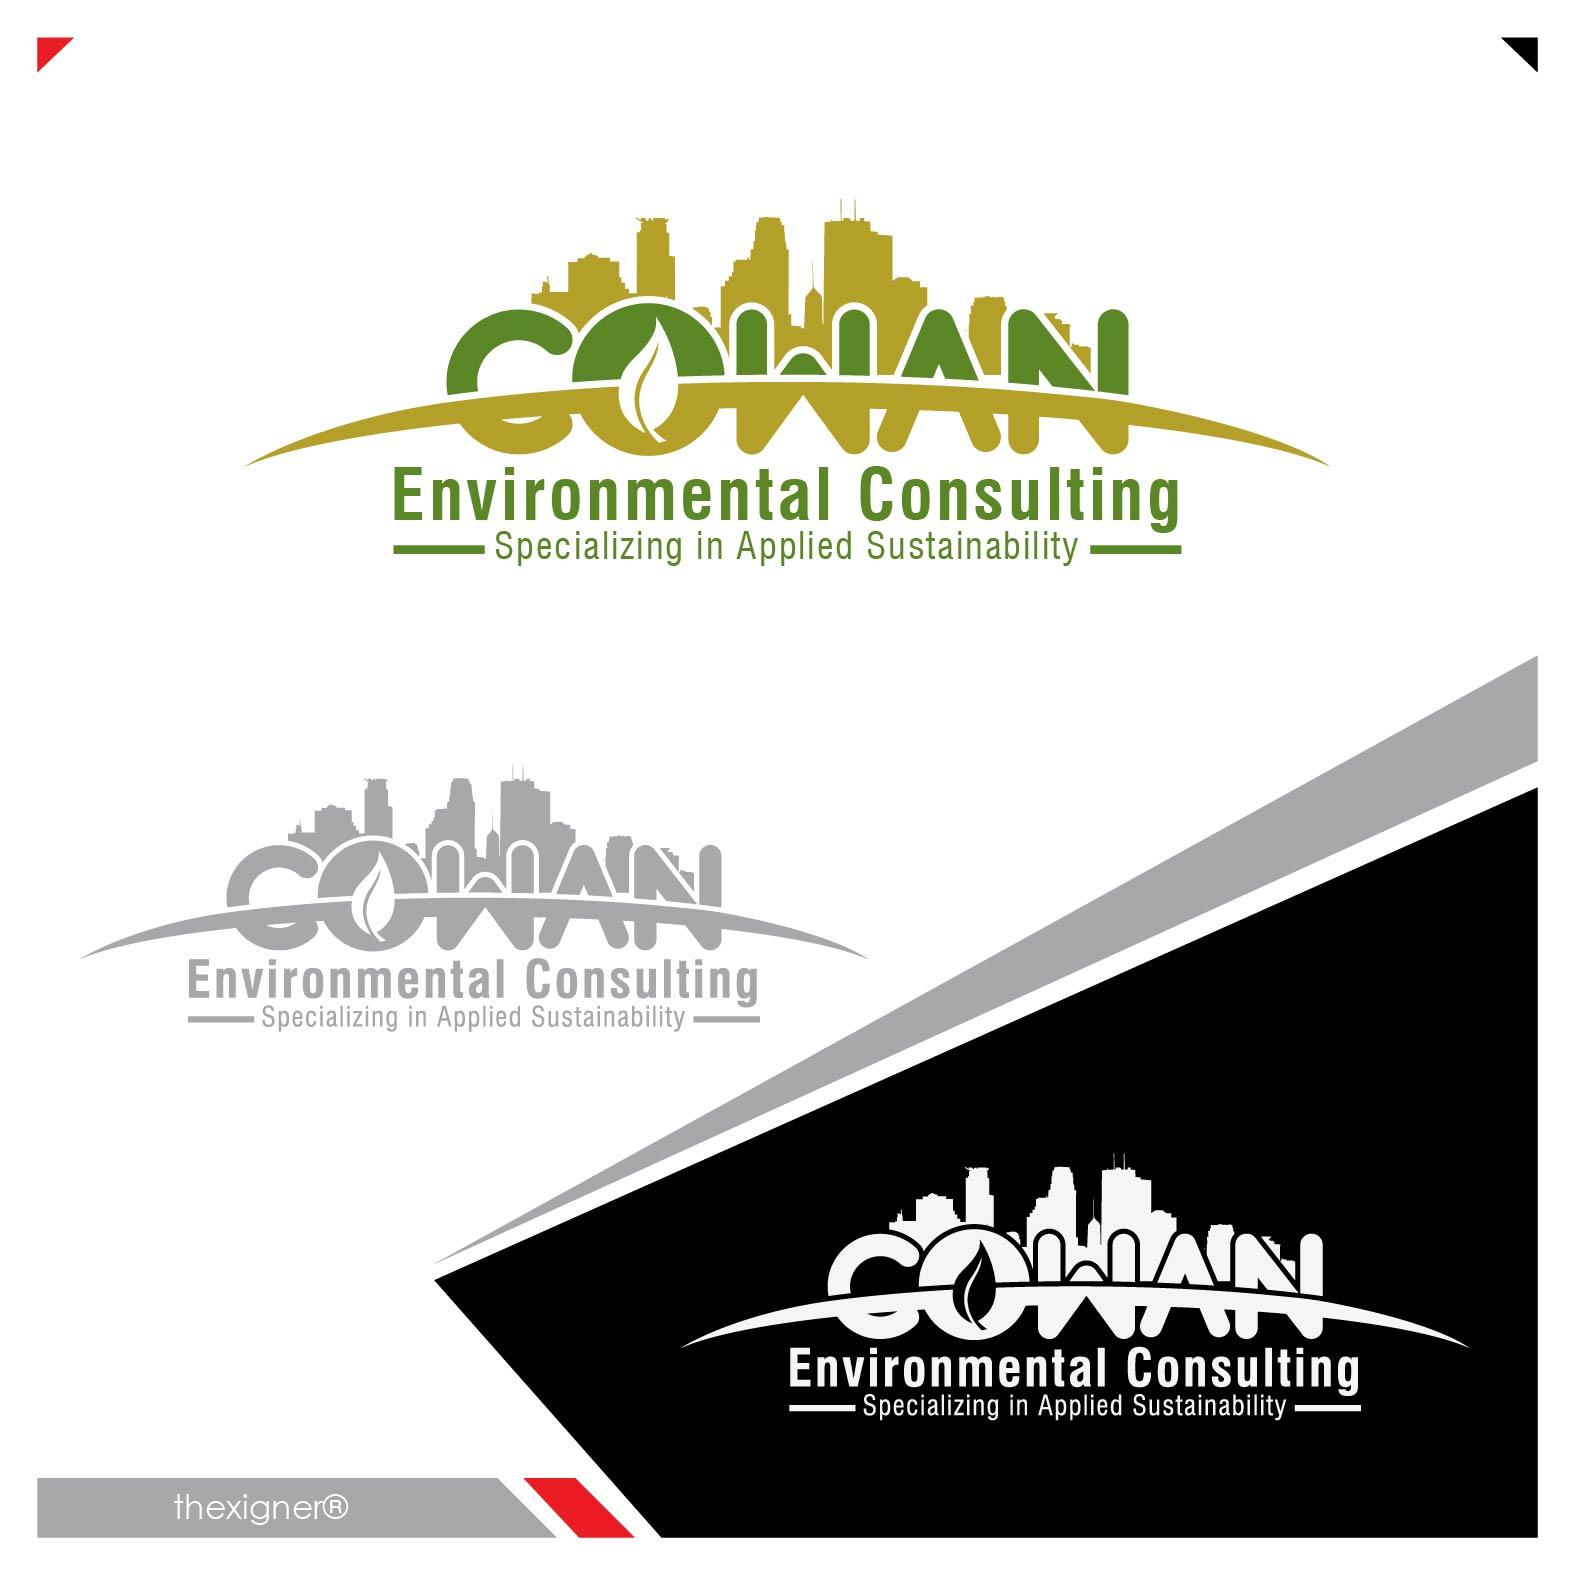 Logo Design by lagalag - Entry No. 58 in the Logo Design Contest Fun Logo Design for Cowan Environmental Consulting.